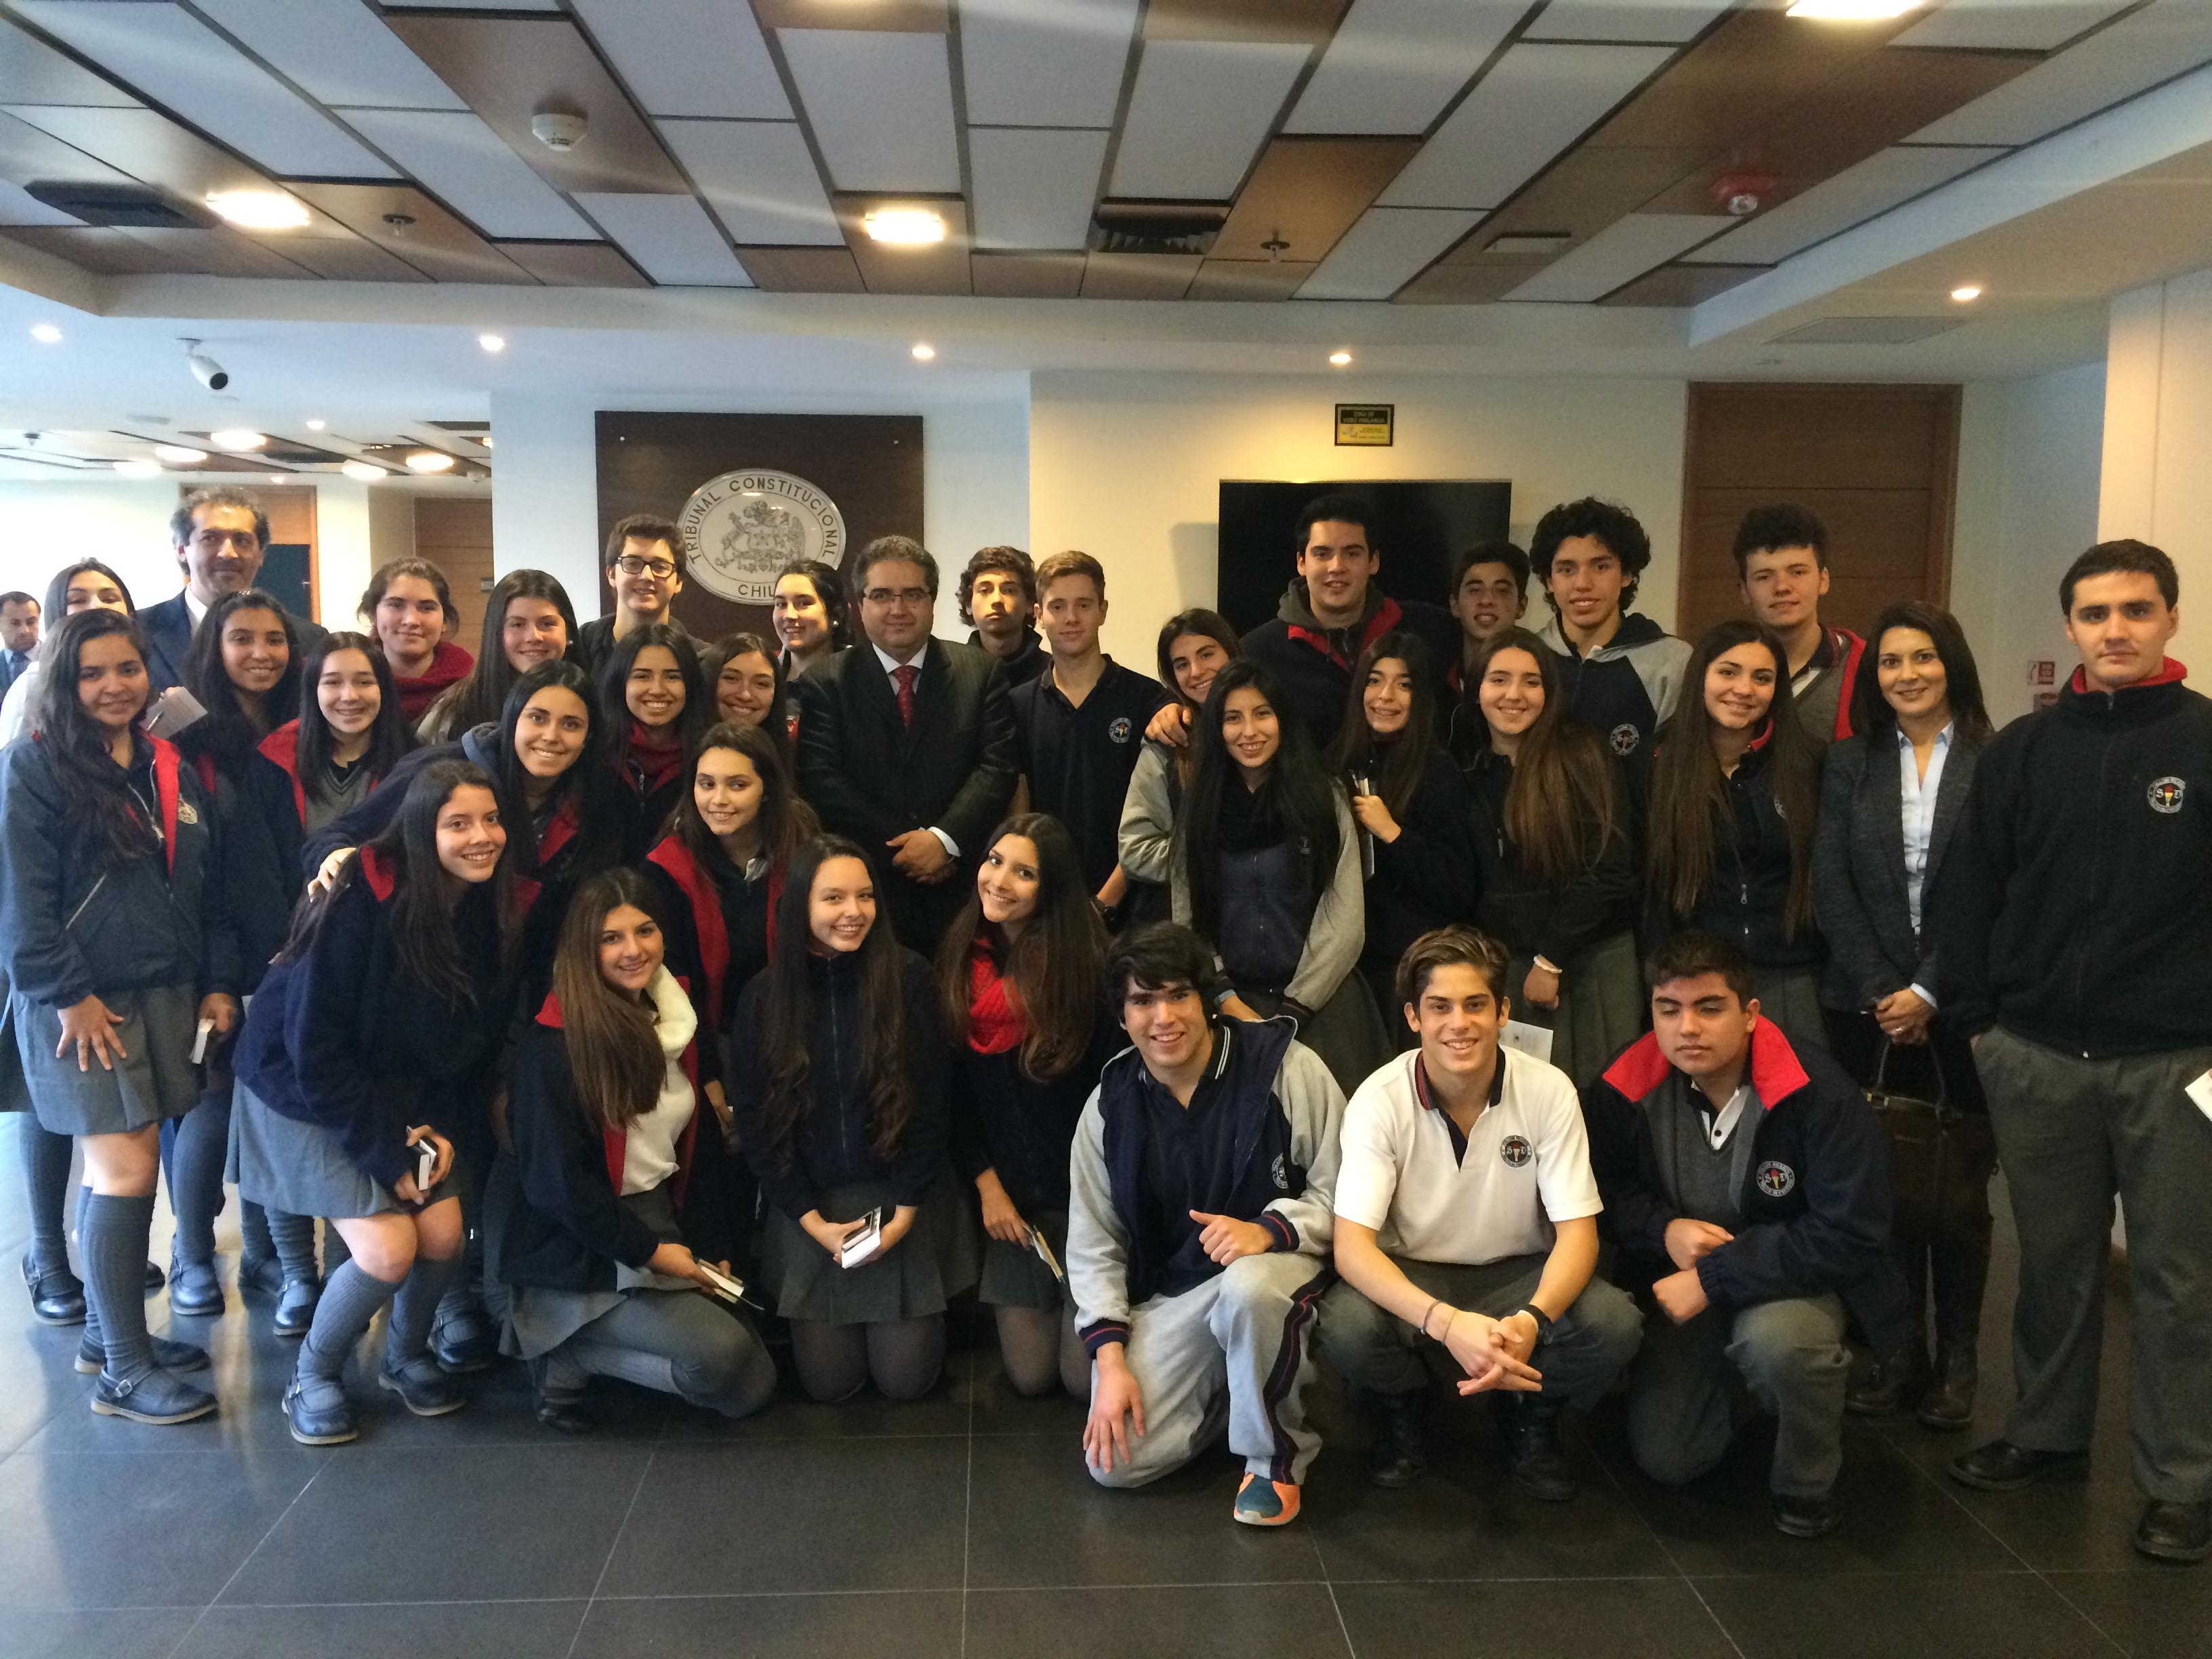 Alumnos del colegio Saint Dominic, de Viña del Mar, visitan el Tribunal.